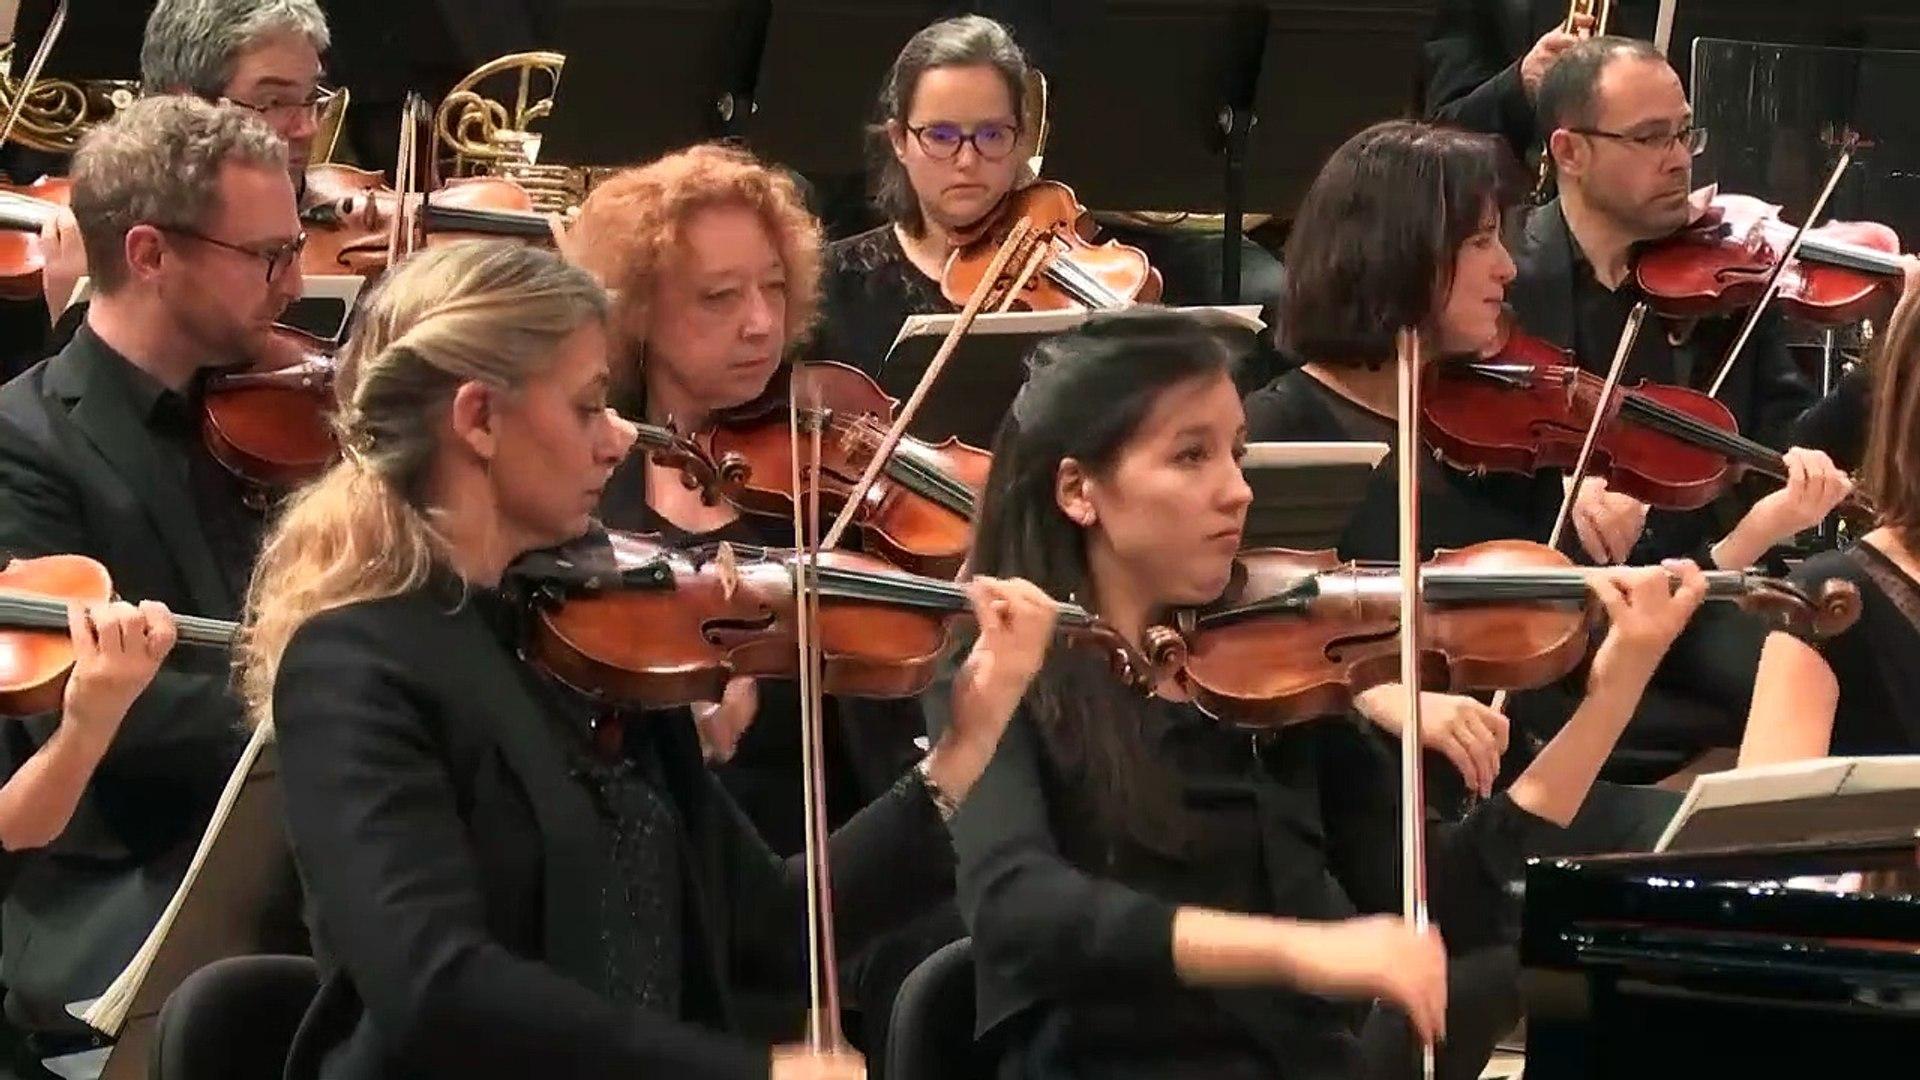 Concert de musiques de films, de Tati à Godard - Vidéo Dailymotion